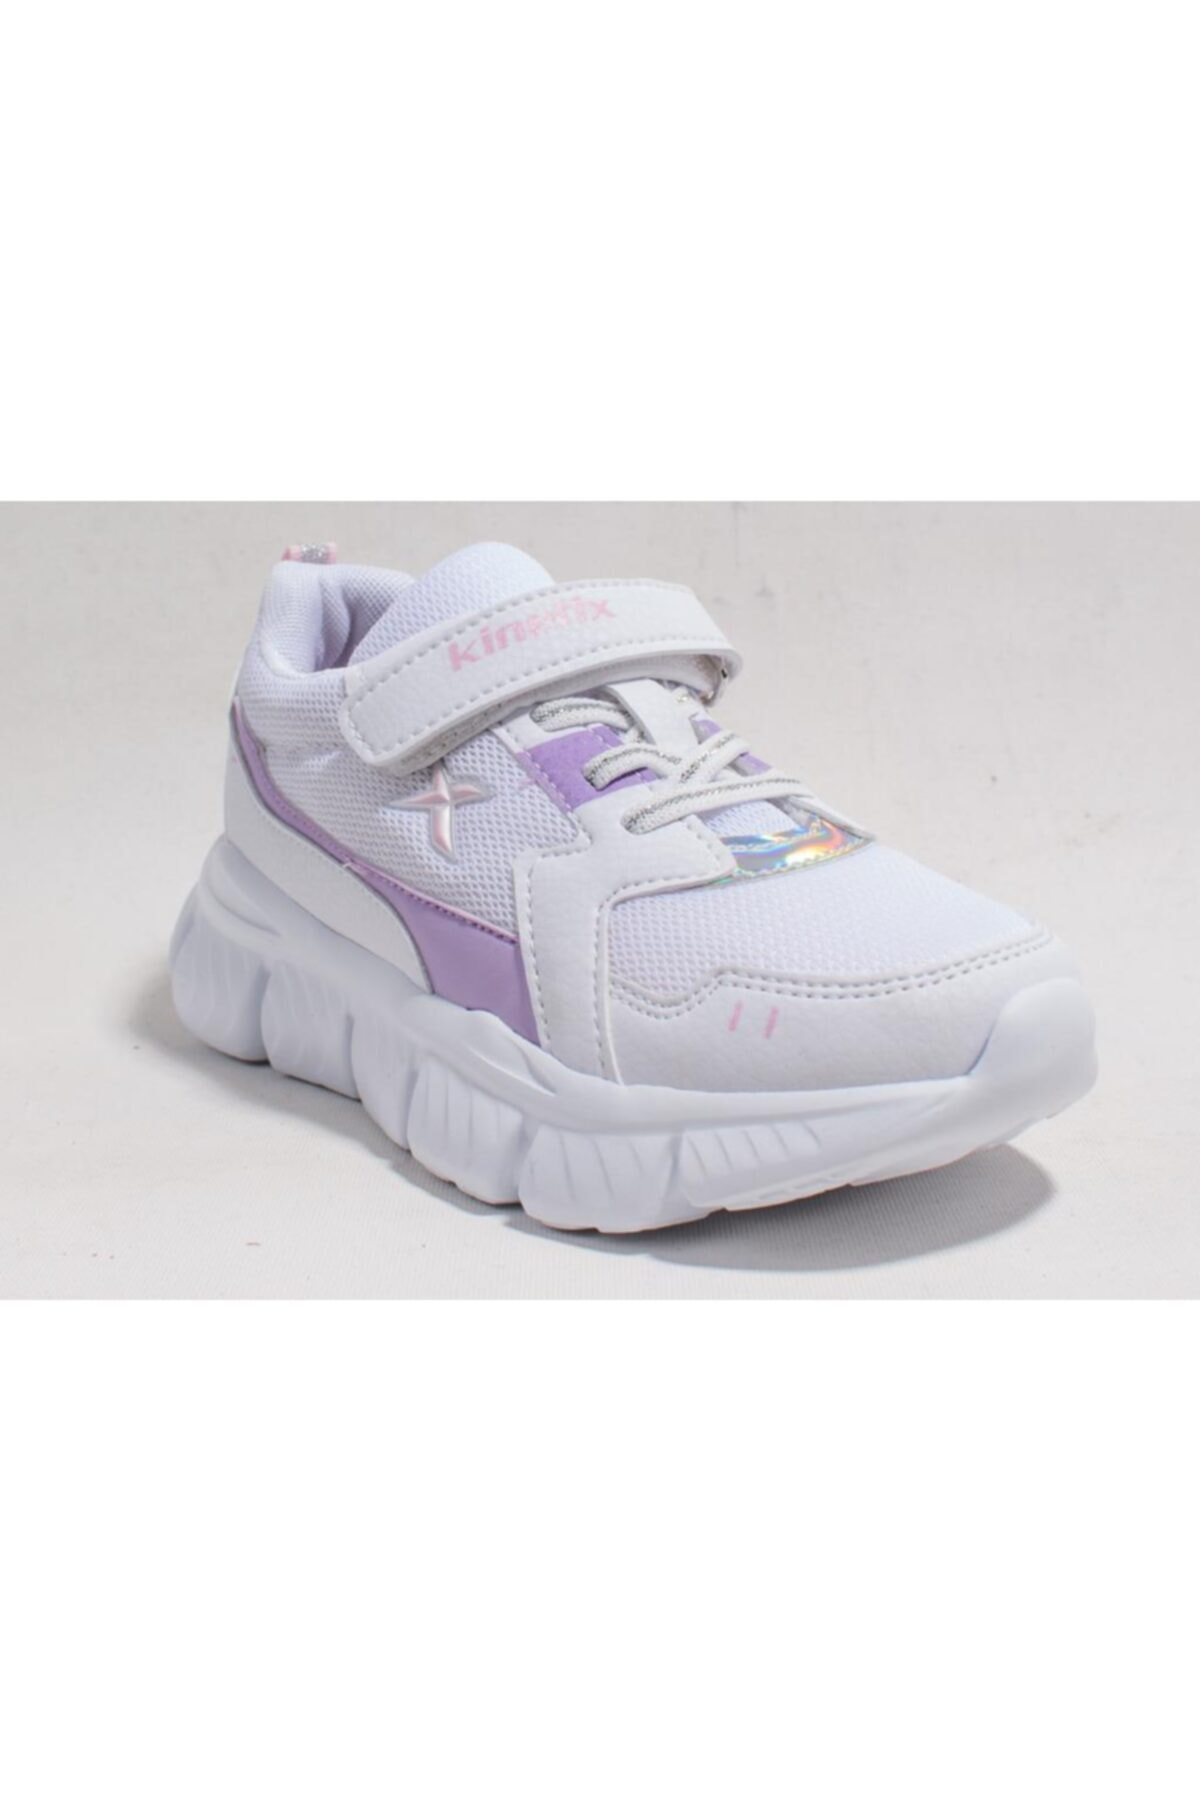 کفش اسپرت بچه گانه دخترانه ترکیه برند کینتیکس kinetix کد ty92799100